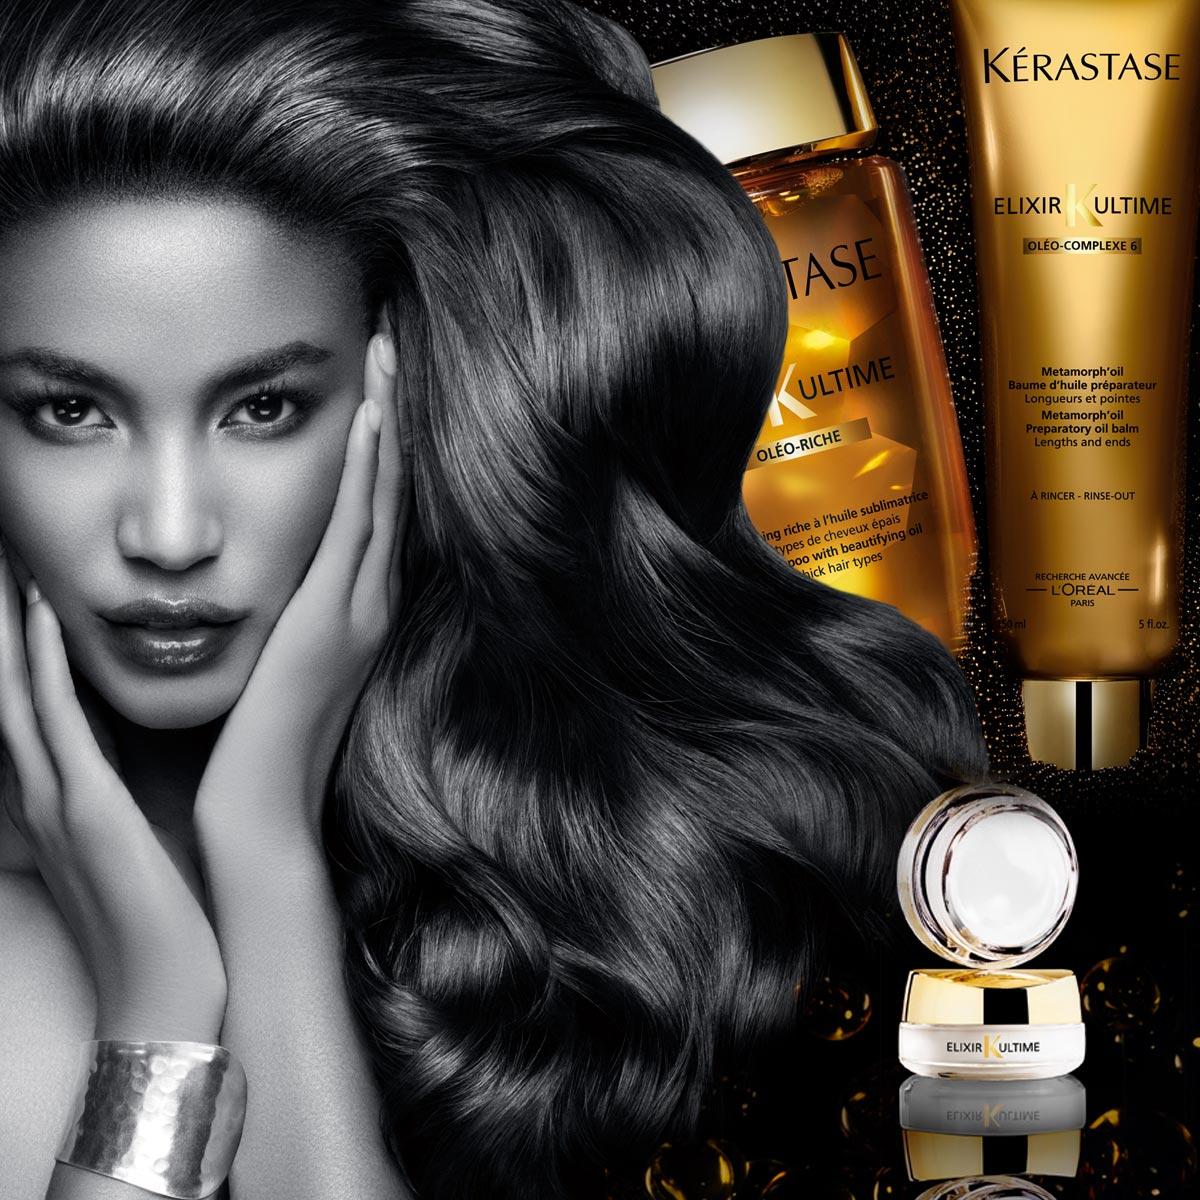 Sérum Solide je nový elixír na vlasy od Kérastase do každé kabelky. 15 vzácných olejů v tuhé podobě kdykoliv během dne pomůže vašim vlasům.